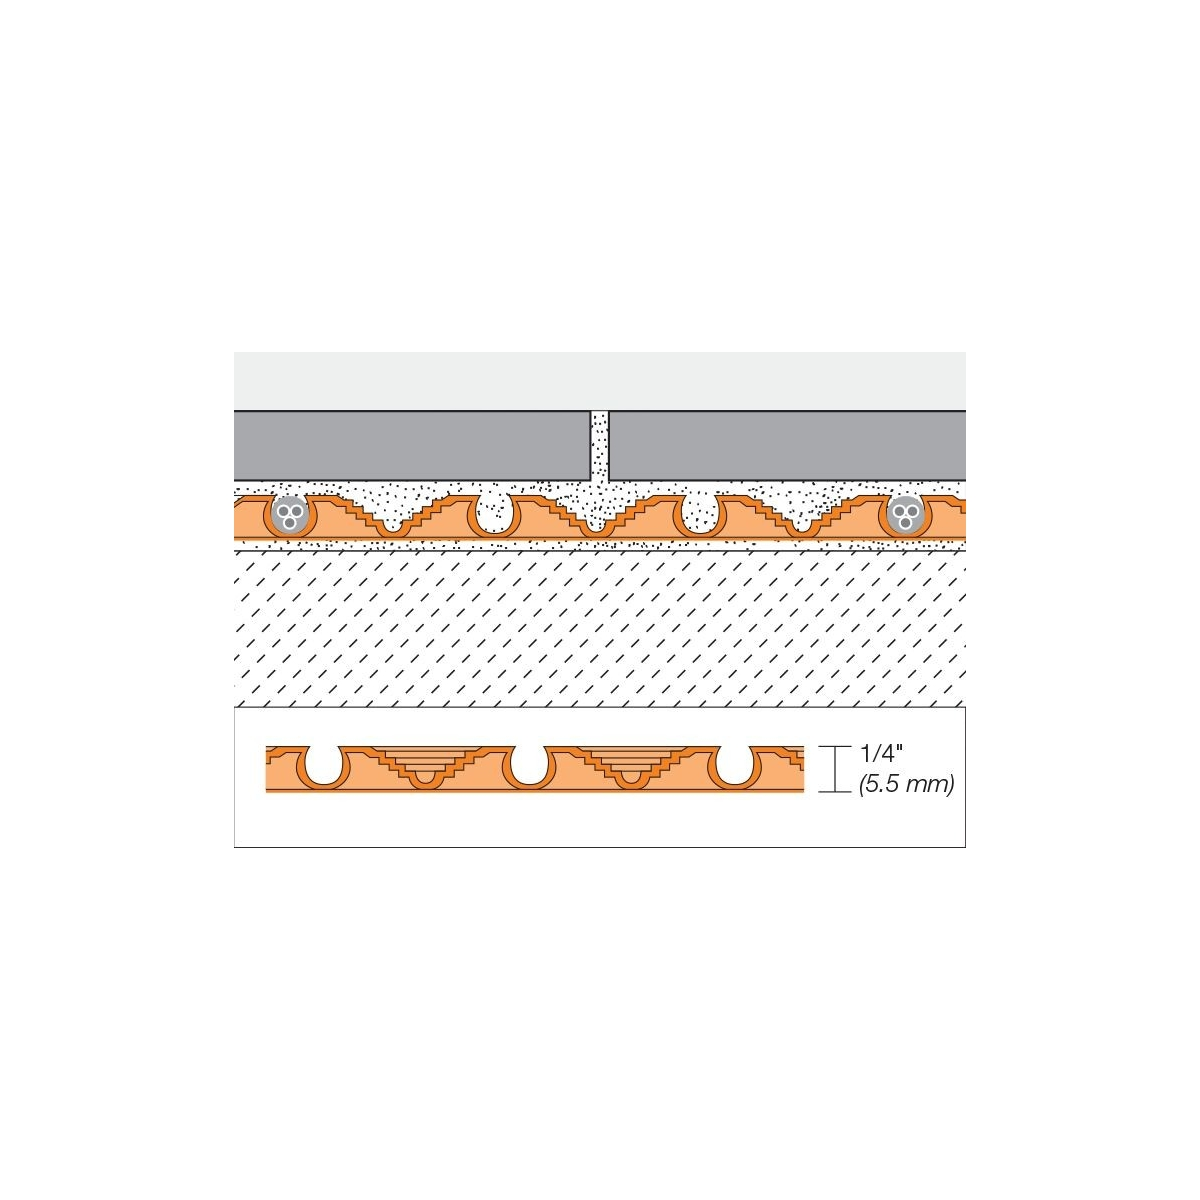 Suelo radiante mediante electricidad y termostato digital regulable y programable Schüter Systems